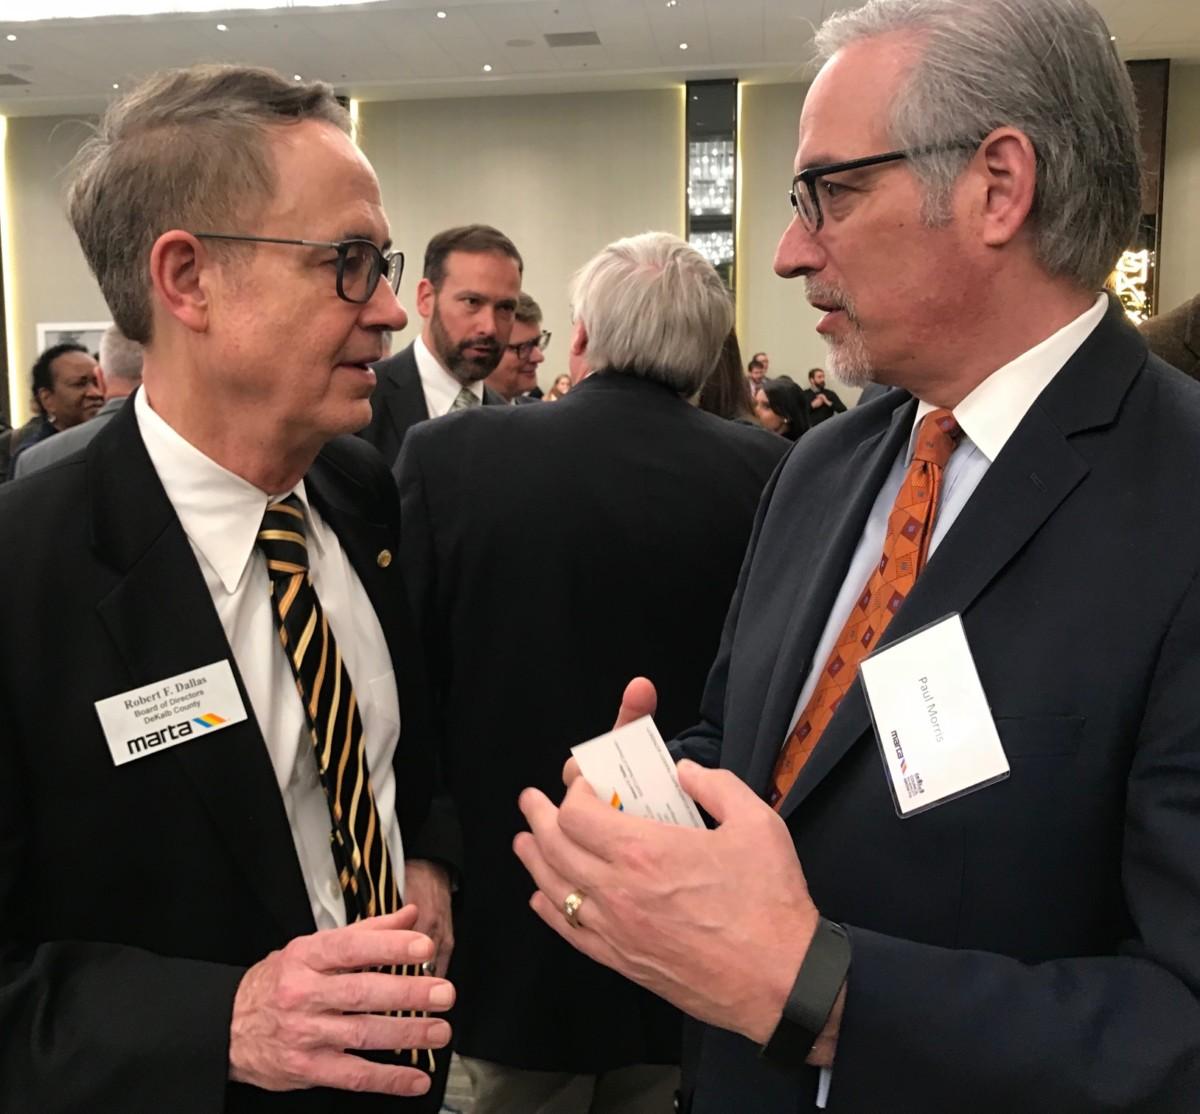 MARTA Board member Bob Dallas and former BeltLine CEO Paul Morris. Credit: Kelly Jordan